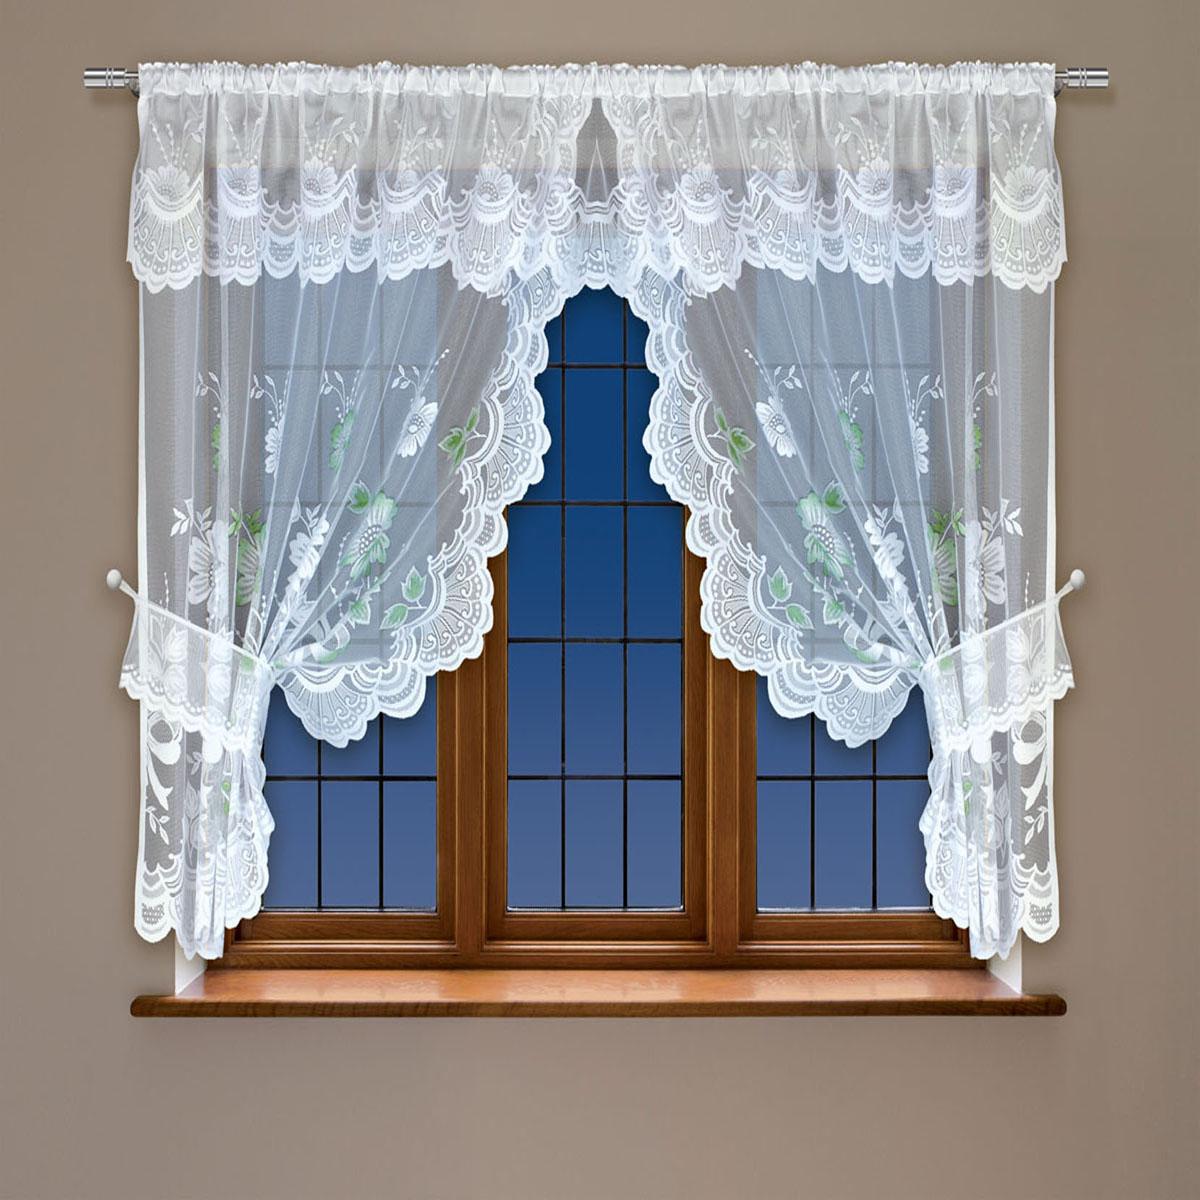 Гардина Haft, на кулиске, цвет: белый, высота 115 см. 202561956251325Воздушная гардина Haft, выполненная из полиэстера, великолепно украсит любое окно.Изделие имеет оригинальный дизайн и органично впишется в интерьер помещения.Гардина крепится на карниз при помощи кулиски.